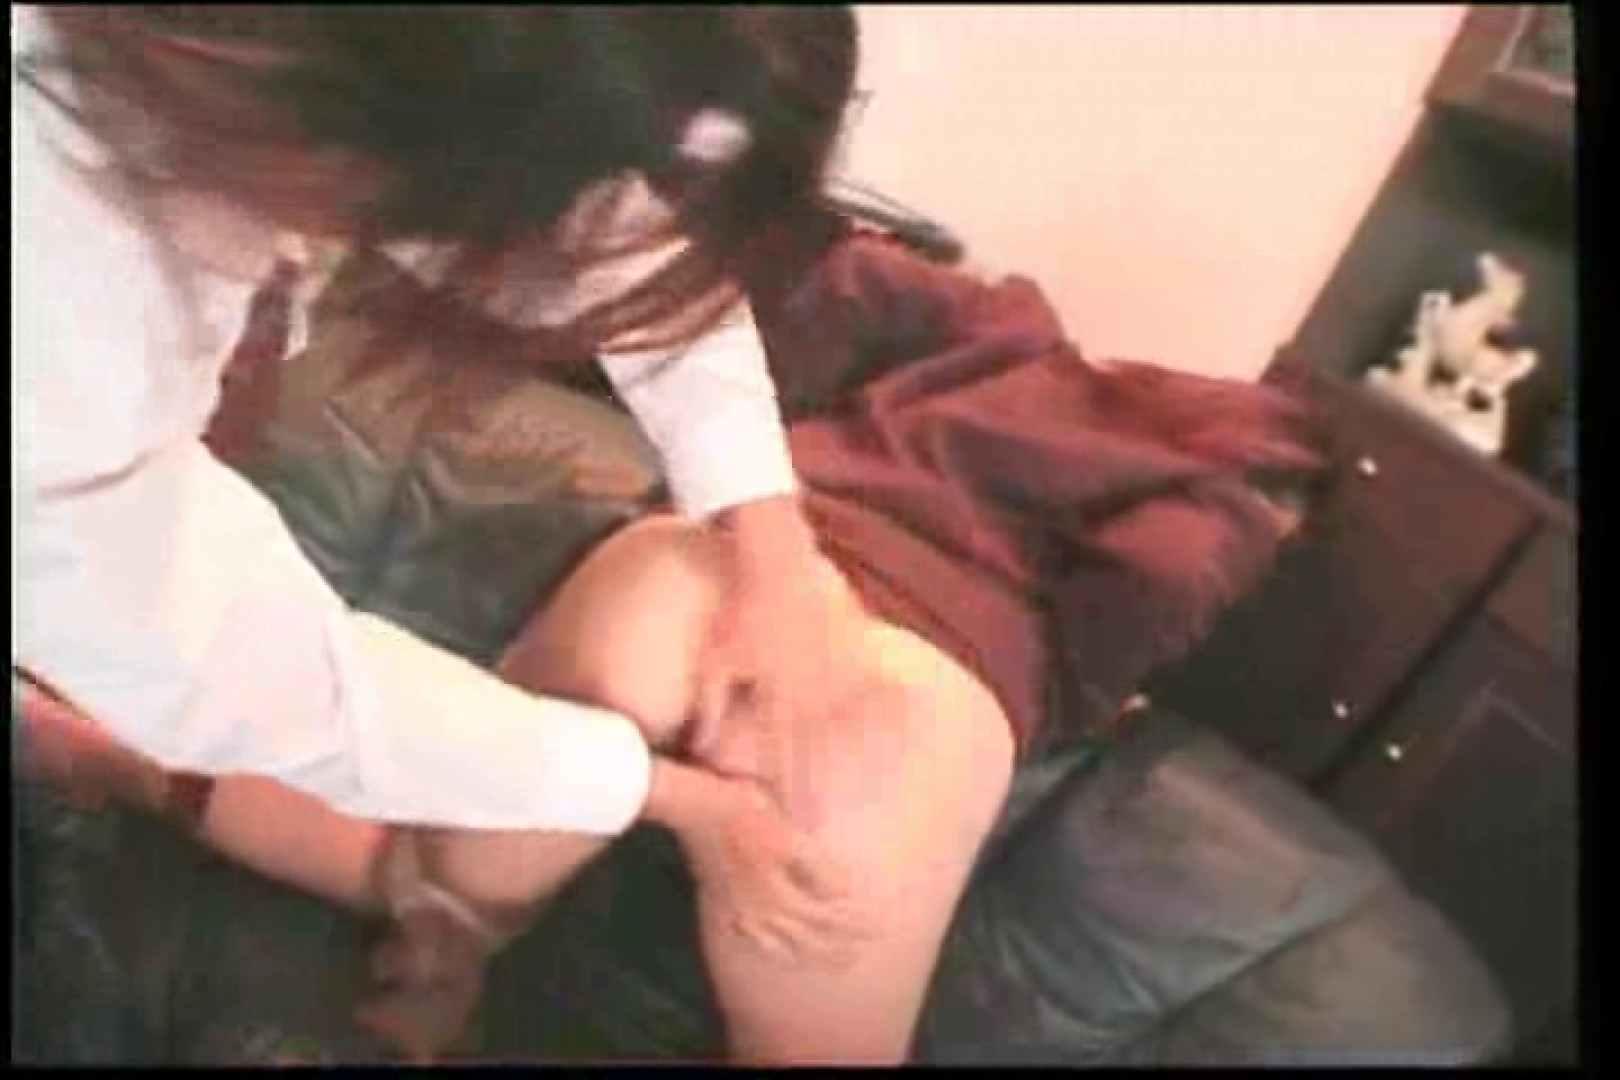 尊敬する先輩に女をささげる後輩 雪谷真央 熟女のエッチ ヌード画像 92pic 86